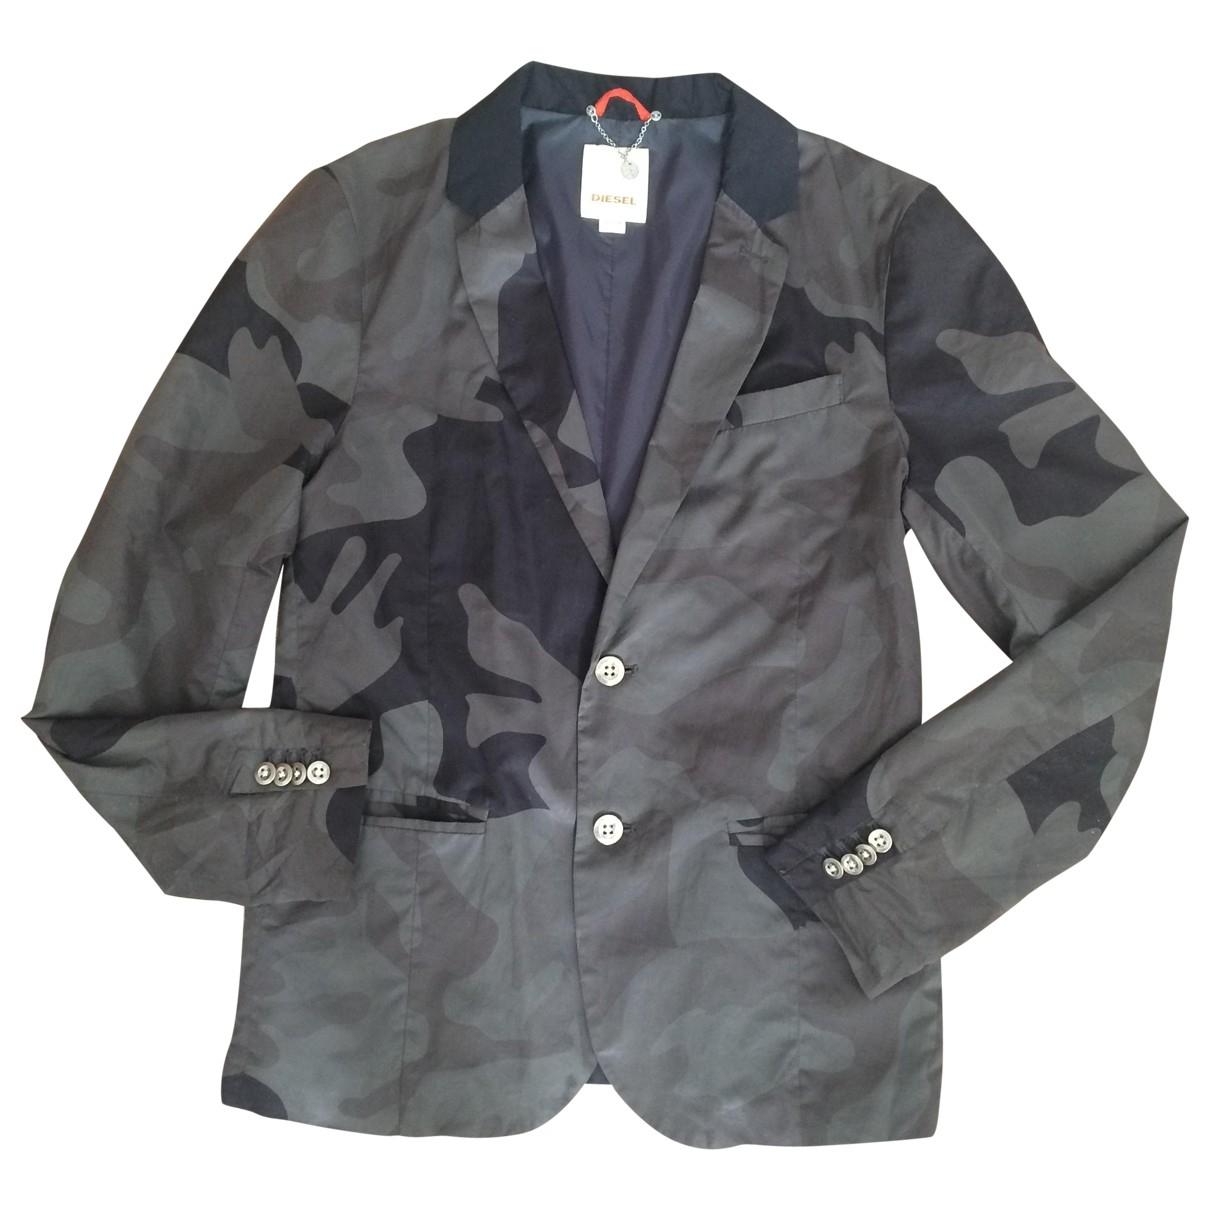 Diesel - Vestes.Blousons   pour homme - multicolore